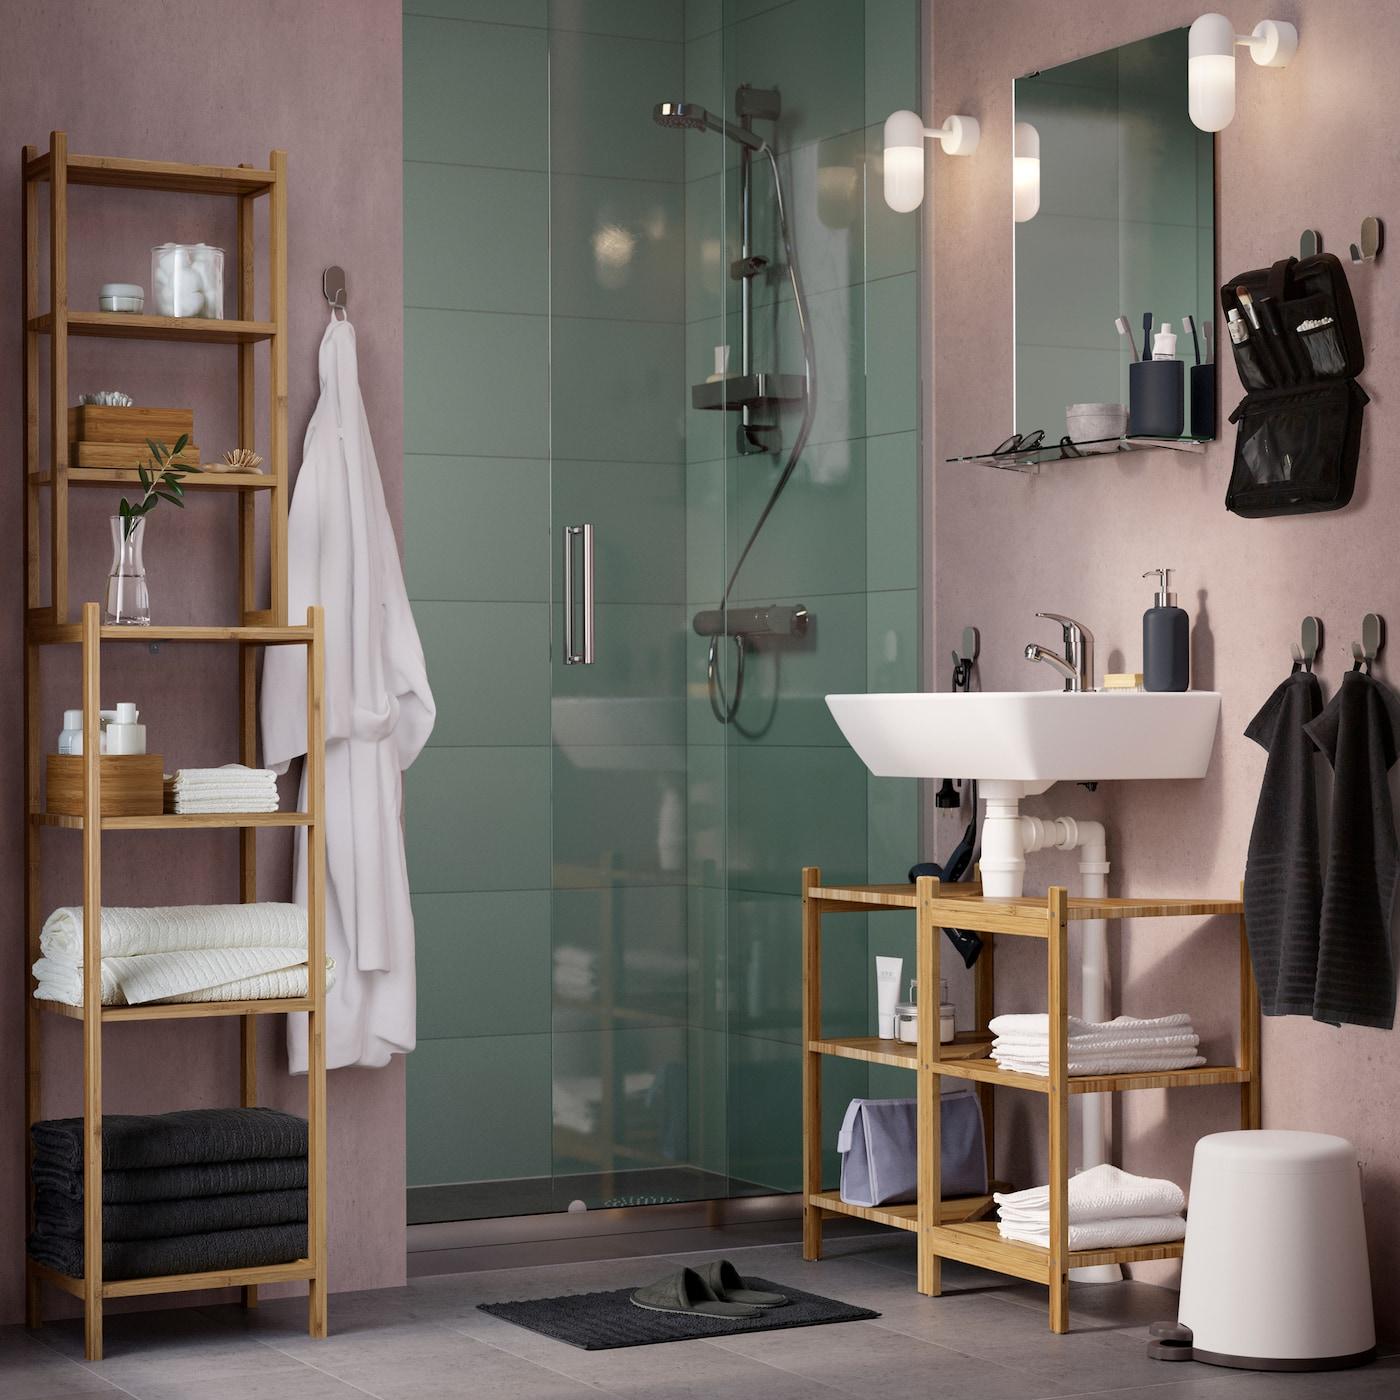 Beigen ja harmaan sävyin sisustettu kylpyhuone, jossa RÅGRUND-pesuallas ja bambuhylly.